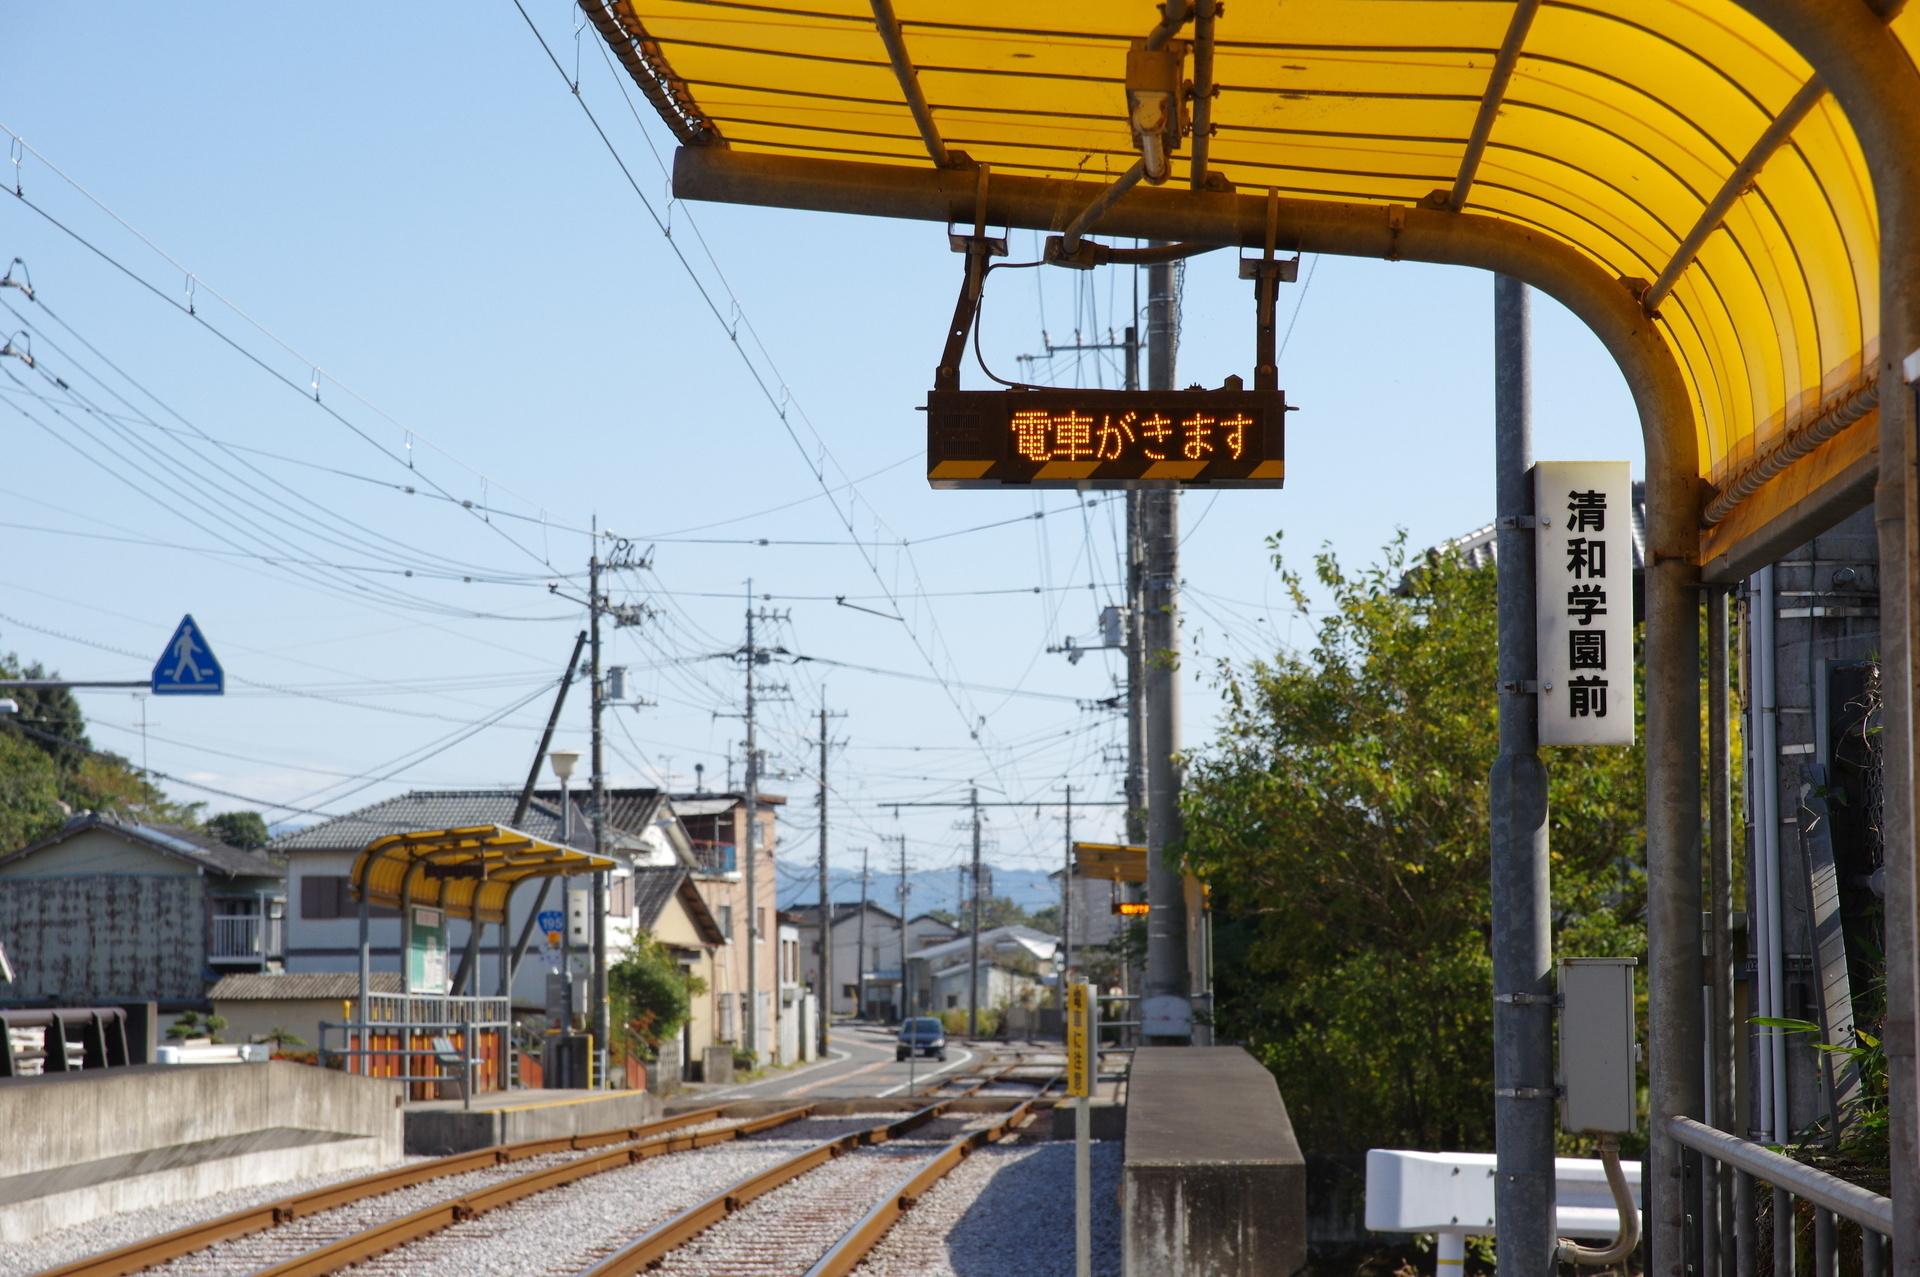 一条橋駅のものと同時に点灯する「電車がきます」の表示